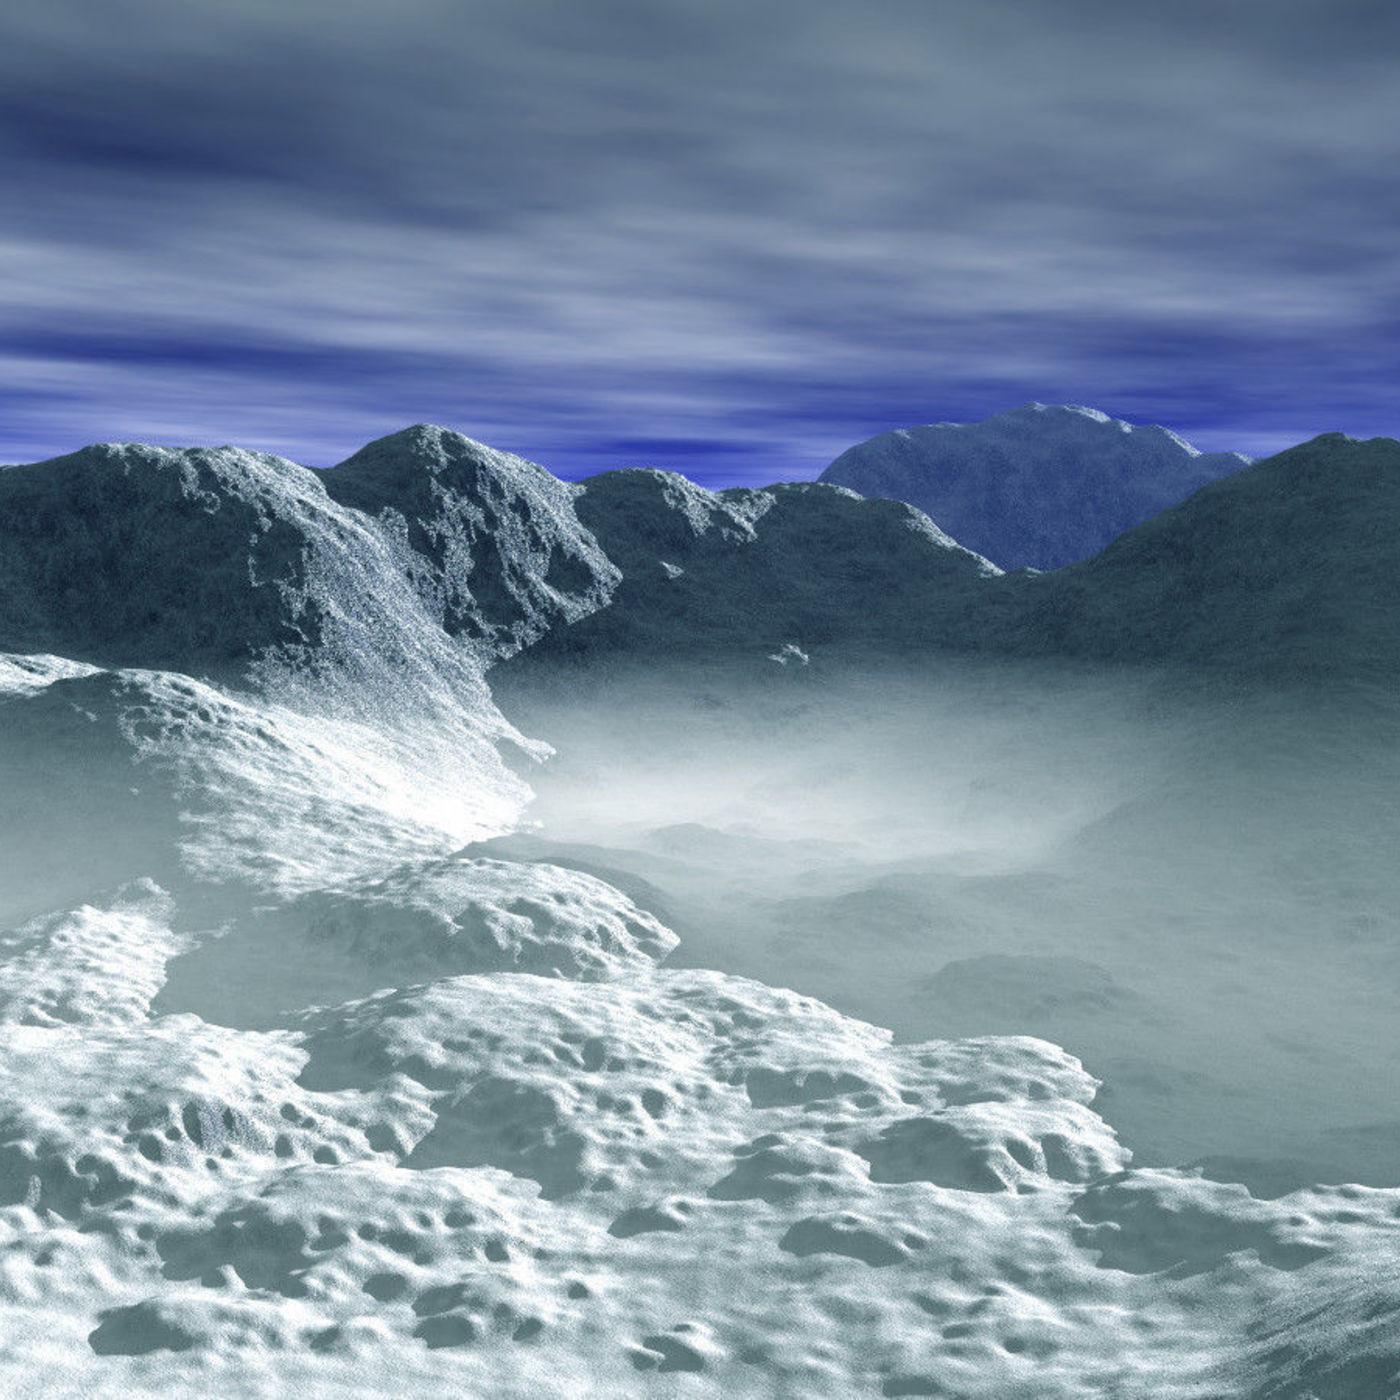 Glacial world